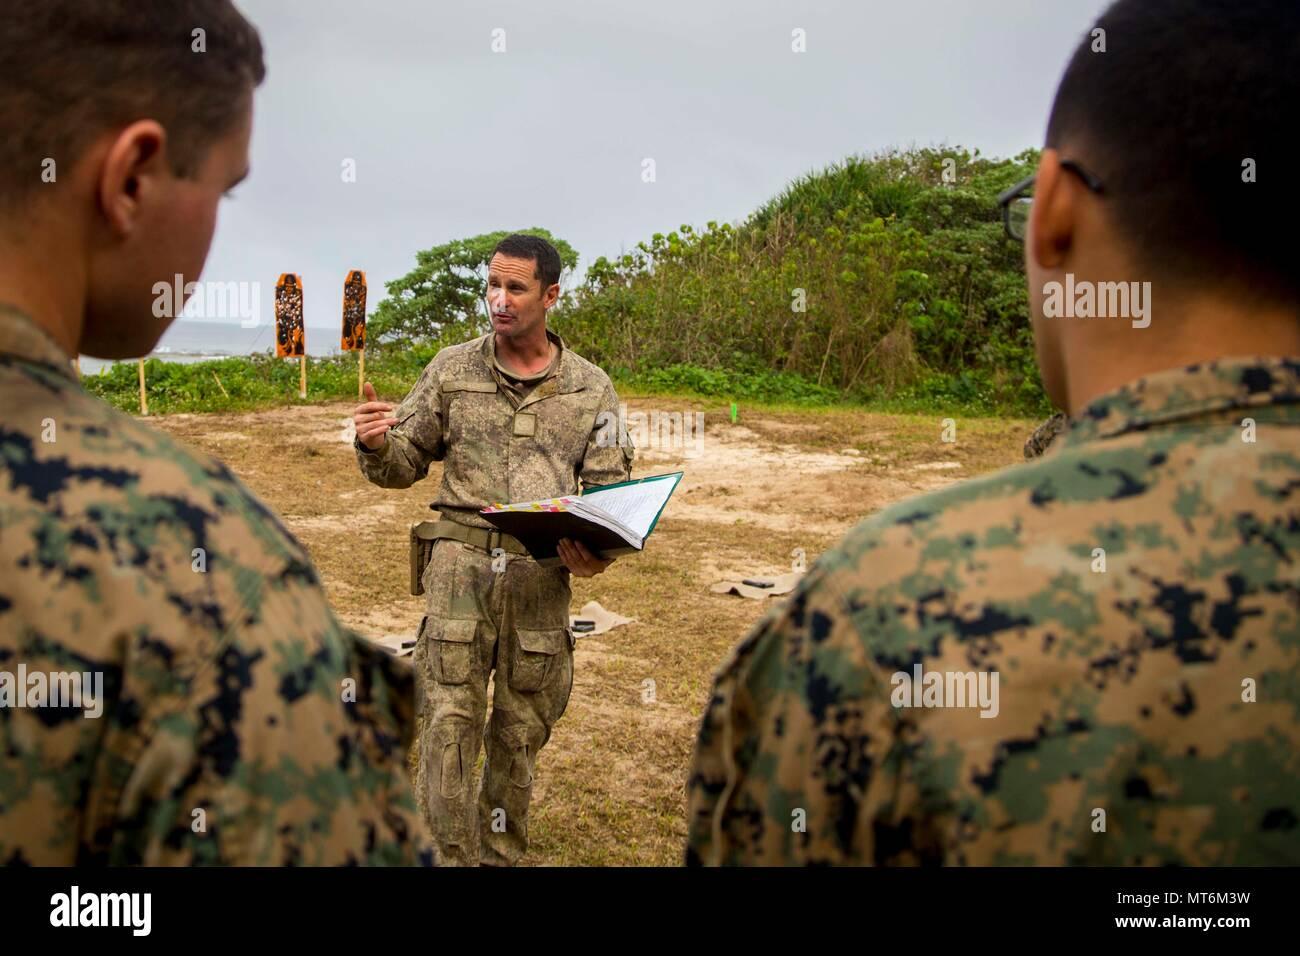 El Sargento del Ejército de Nueva Zelanda. Gral. Paul Buckley, sargento mayor de la compañía para la compañía Delta, explica a los Marines de Estados Unidos con el tercer batallón de Marines 4adjunta a la Task Force 17 Moana Koa, arma las reglas de seguridad antes de participar en un rango de fuego vivo durante el ejercicio TAFAKULA, en la isla de Tongatapu, Tonga, el 21 de julio de 2017. Ejercicio TAFAKULA está diseñado para fortalecer las militares, y las relaciones entre la comunidad de Tonga las Fuerzas Armadas de Su Majestad, el ejército francés de Nueva Caledonia, la Fuerza de Defensa de Nueva Zelandia, y las Fuerzas Armadas de los Estados Unidos. (Ee.Uu. Marine Corps photo by MCIPAC Combatir la cámara Lance Cpl. Foto de stock